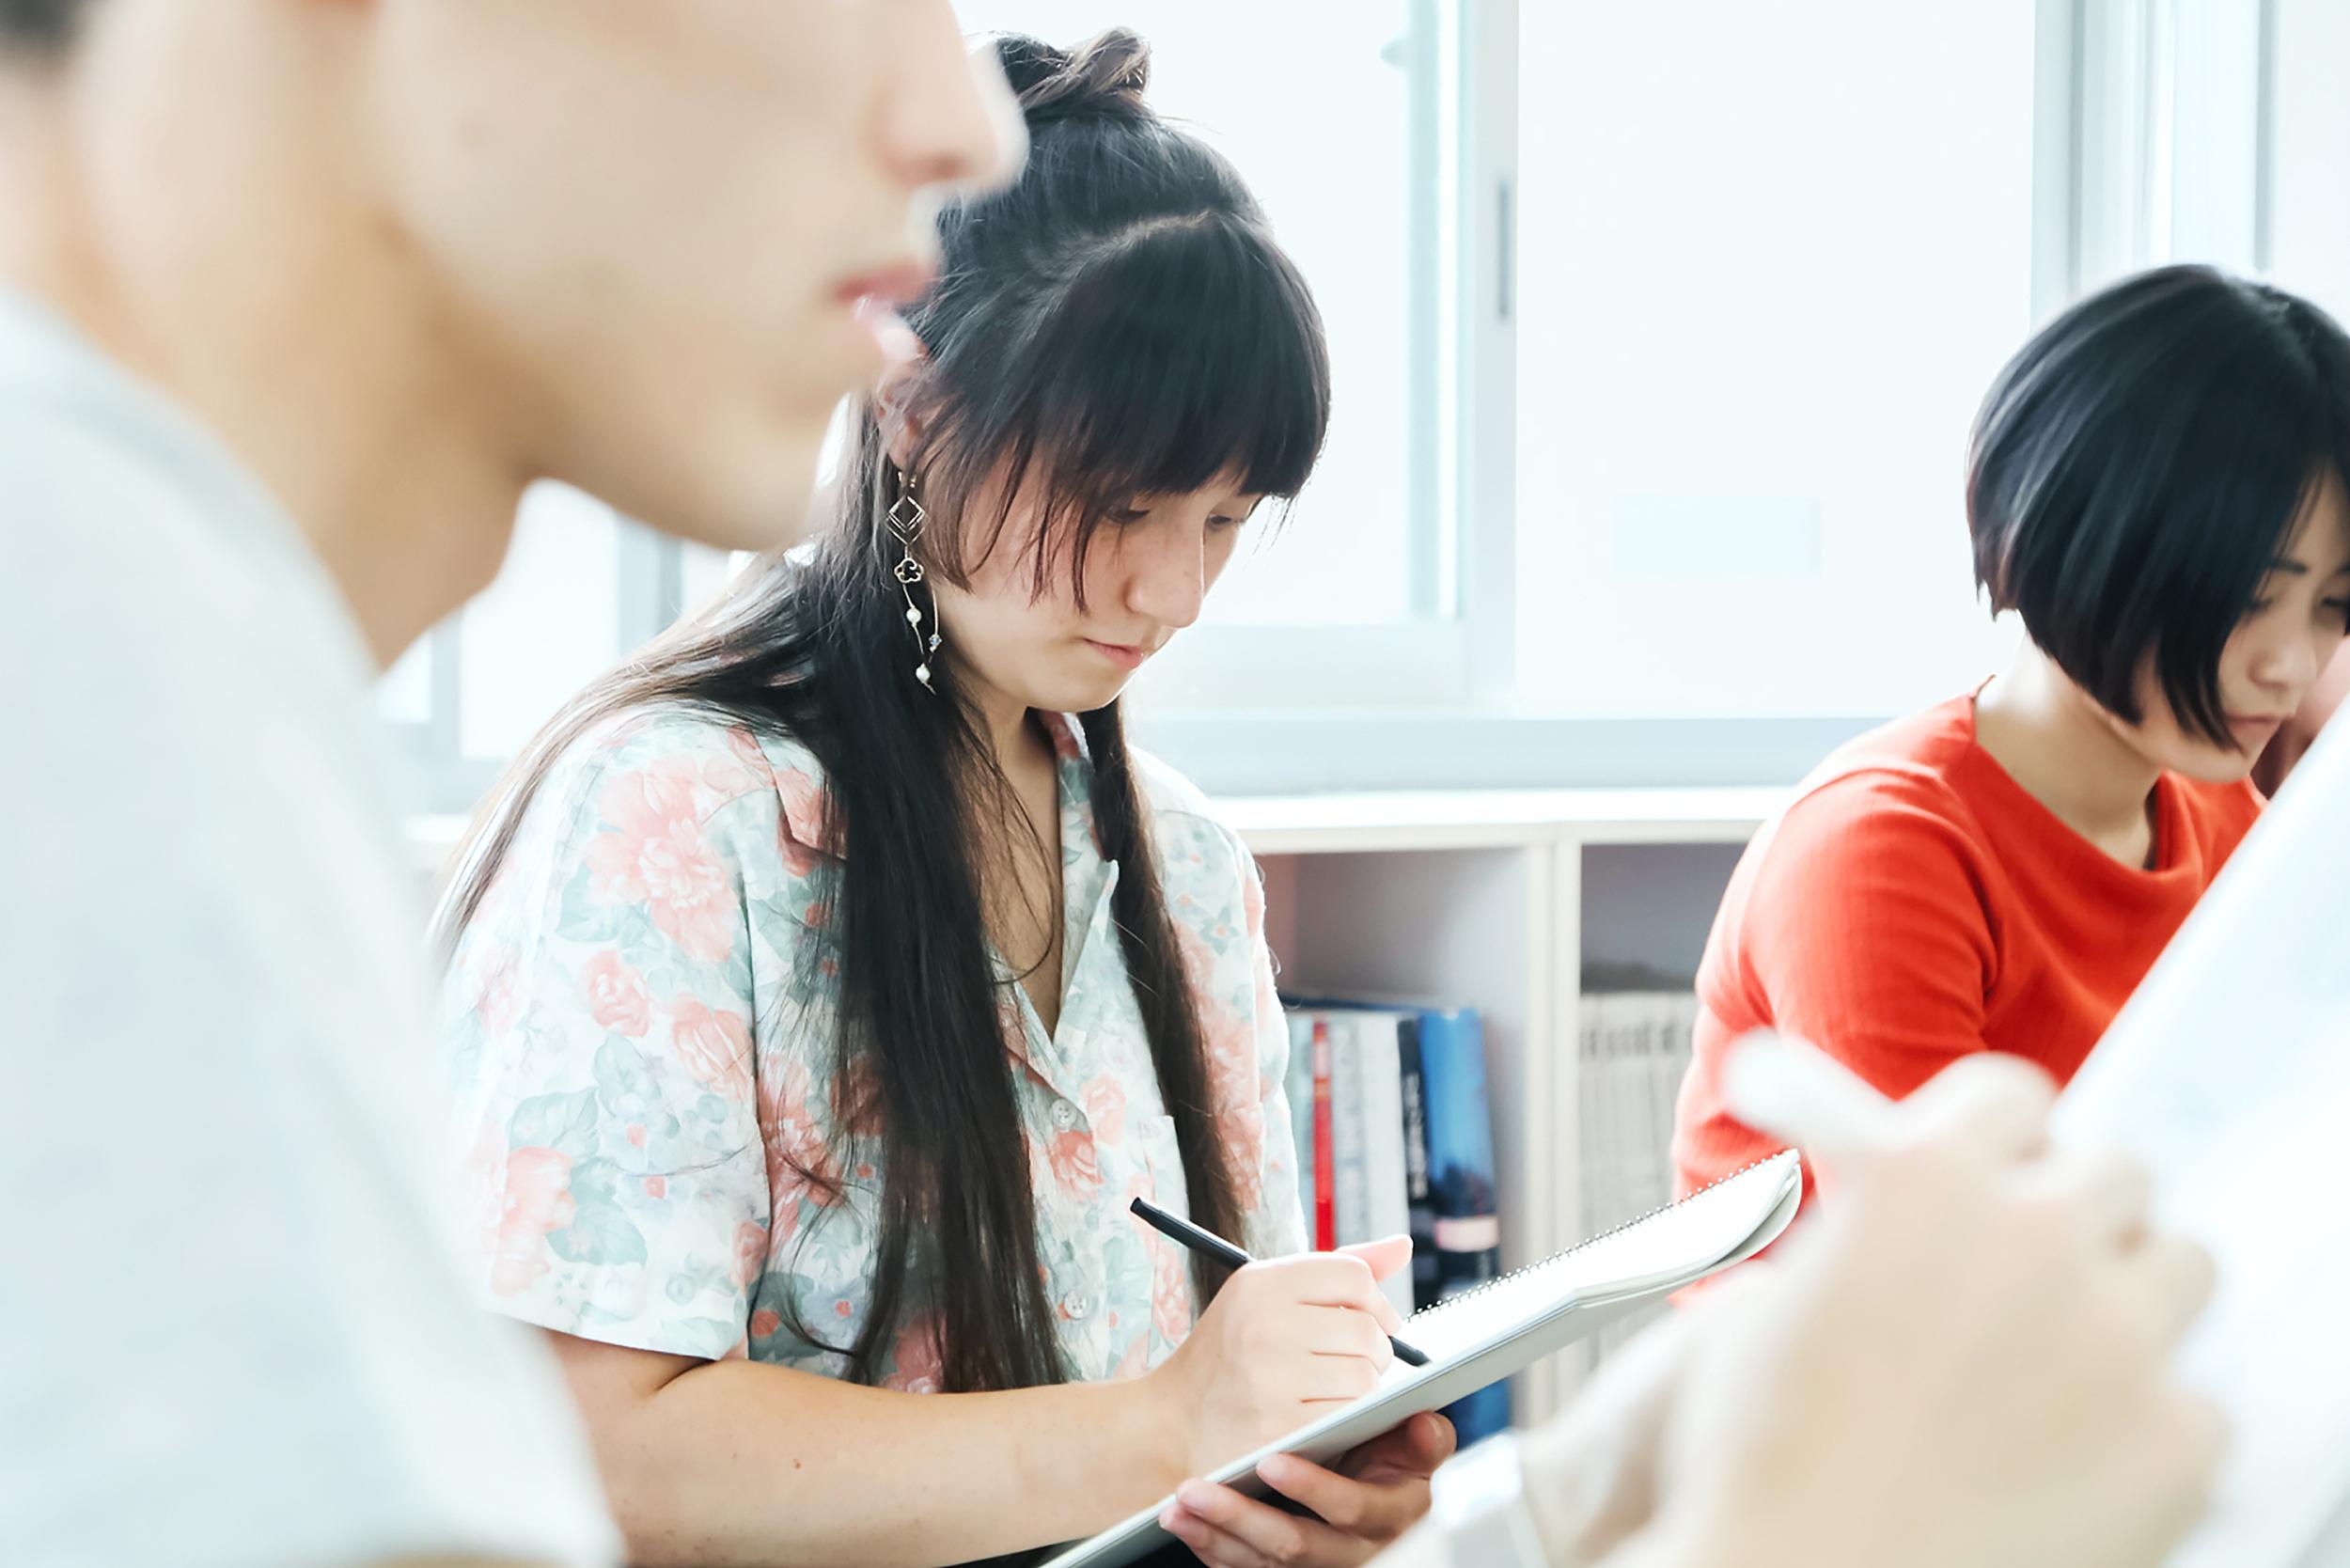 广东高考艺术沙龙国际网站类志愿不会填?这份指南帮你梳理了!